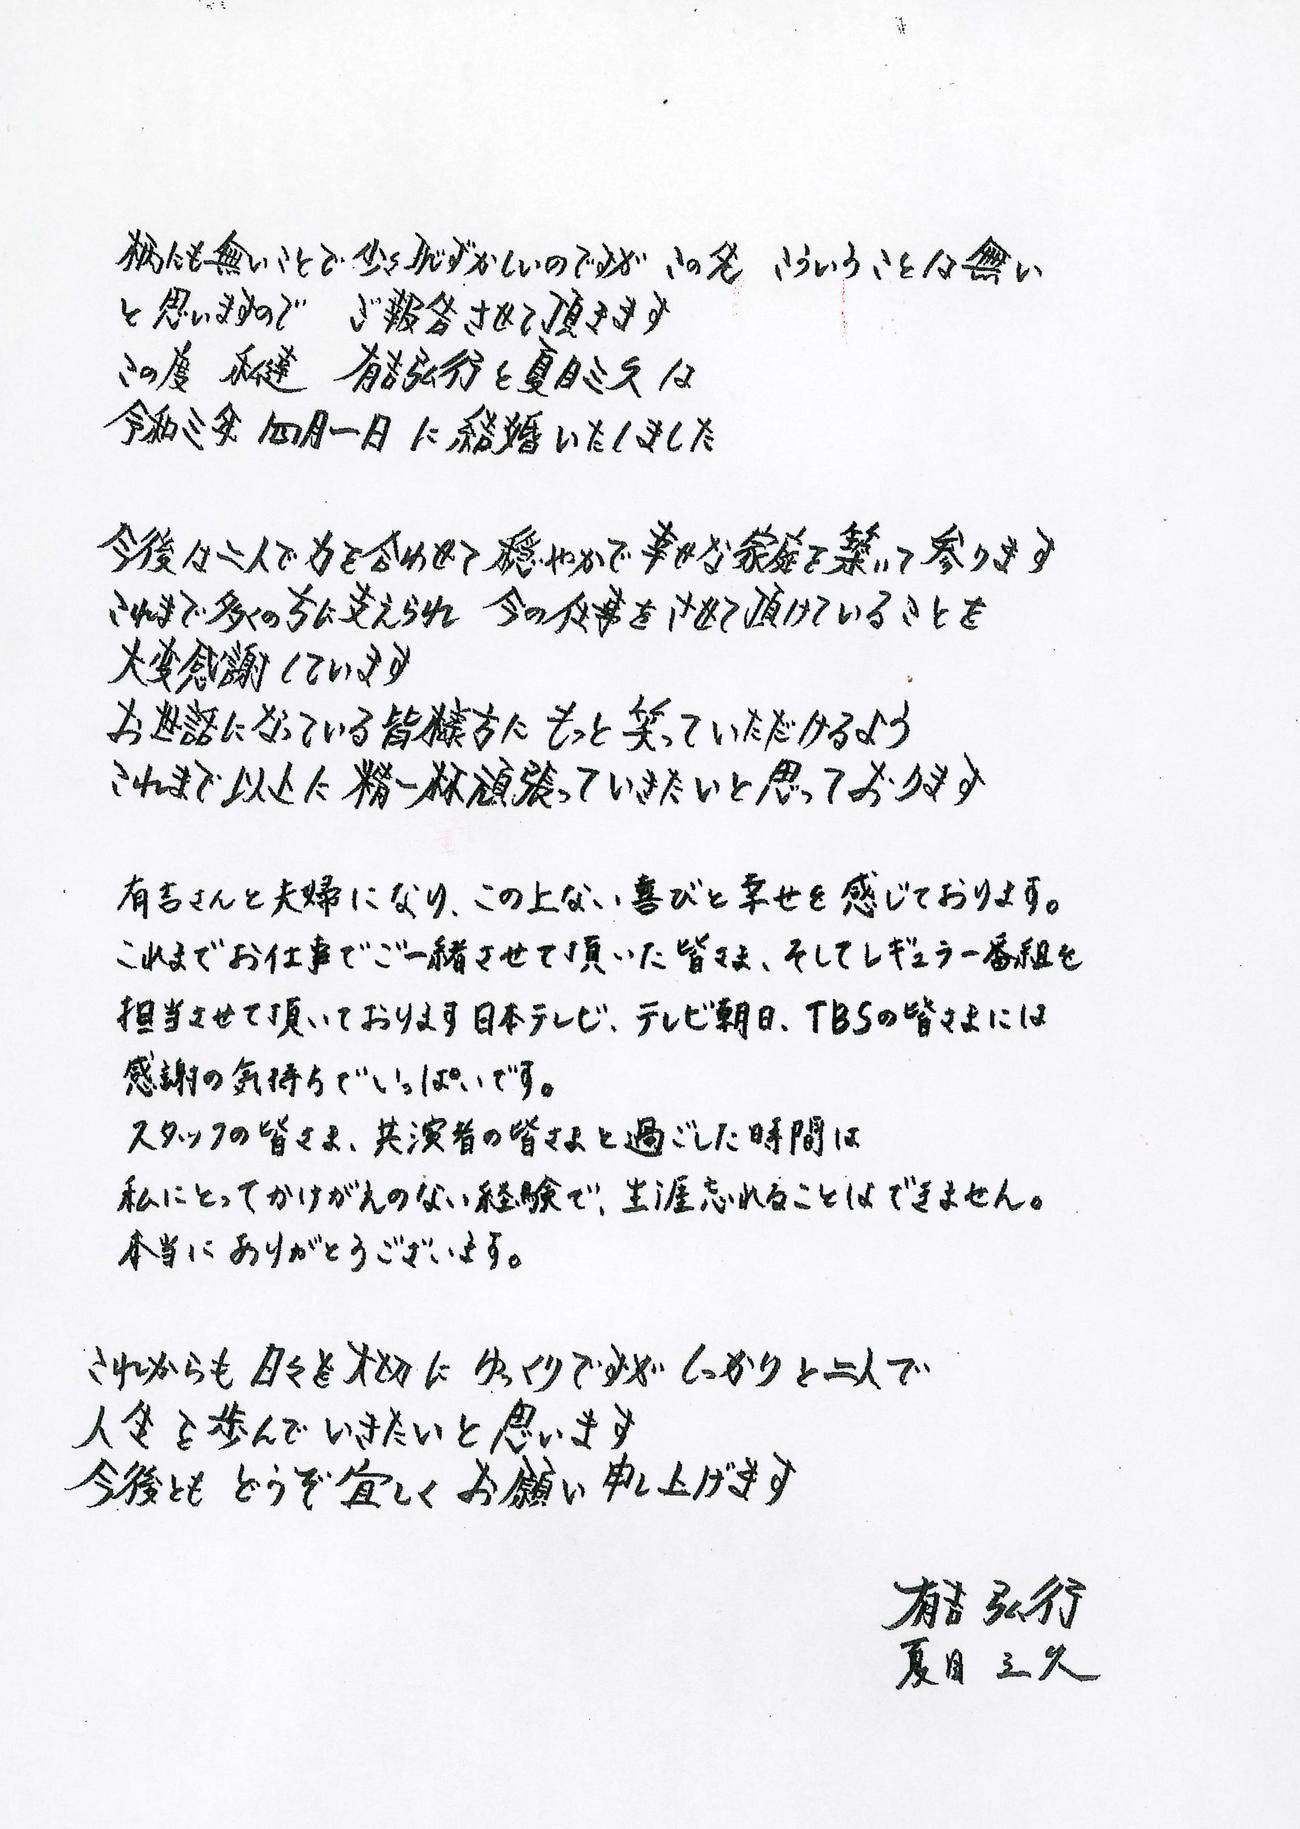 結婚を報告するメッセージを送った有吉弘行と夏目三久